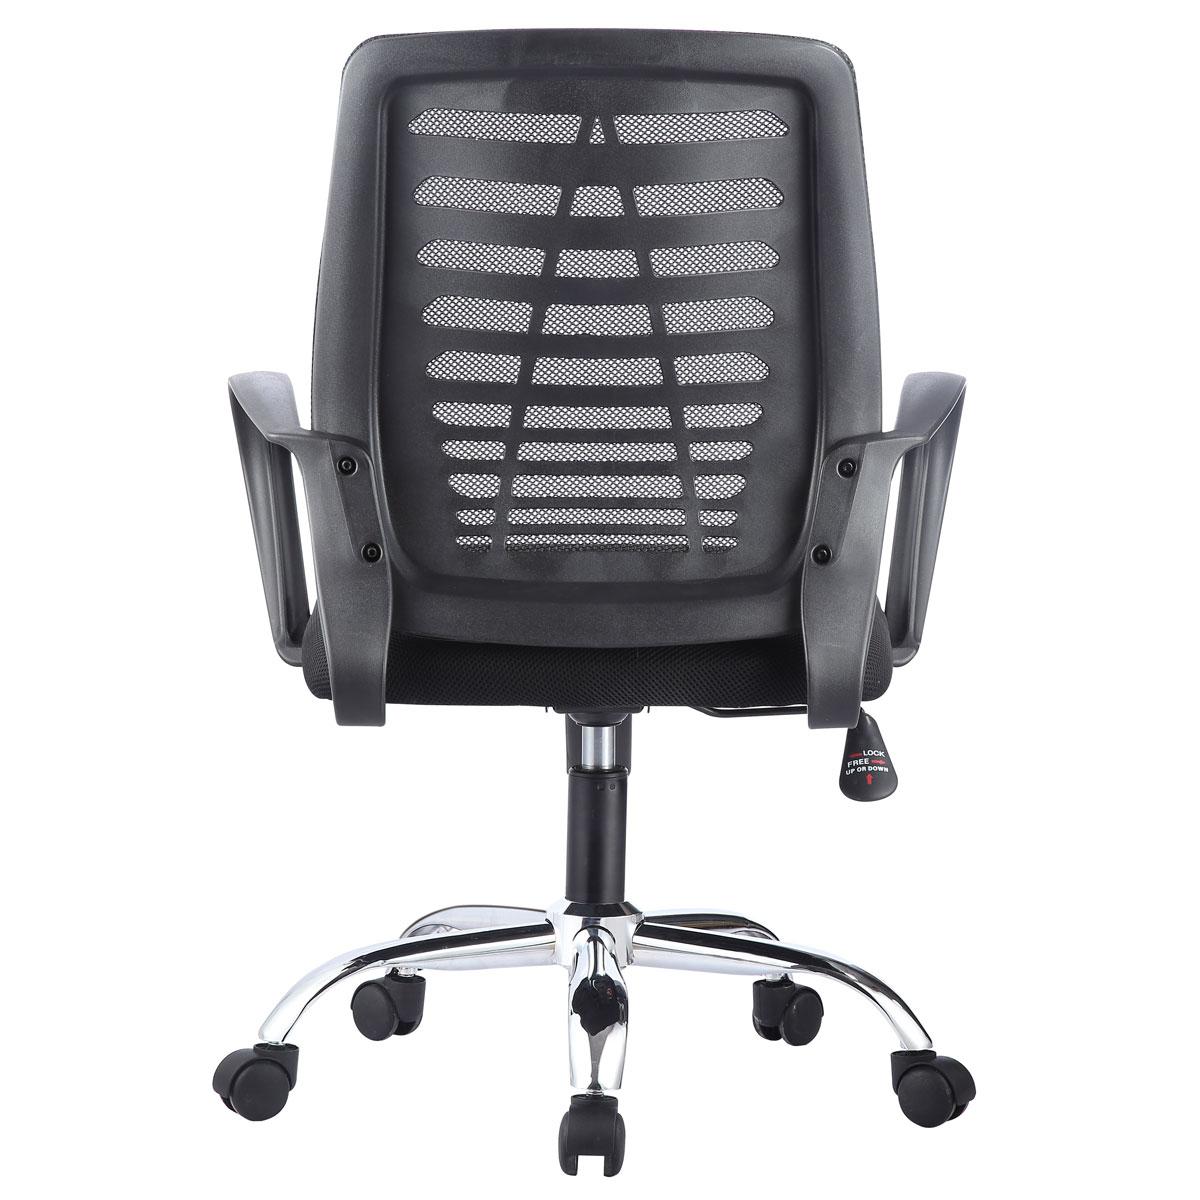 כיסא משרדי אורטופדי מעוצב ונוח דגם Bosco לחוויית ישיבה מפנקת BRADEX - תמונה 4